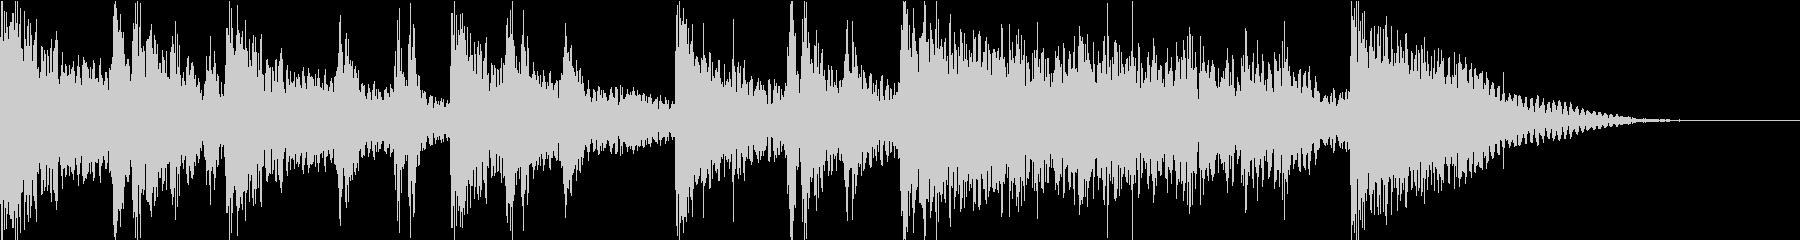 ドラムマーチ風のサウンドロゴの未再生の波形